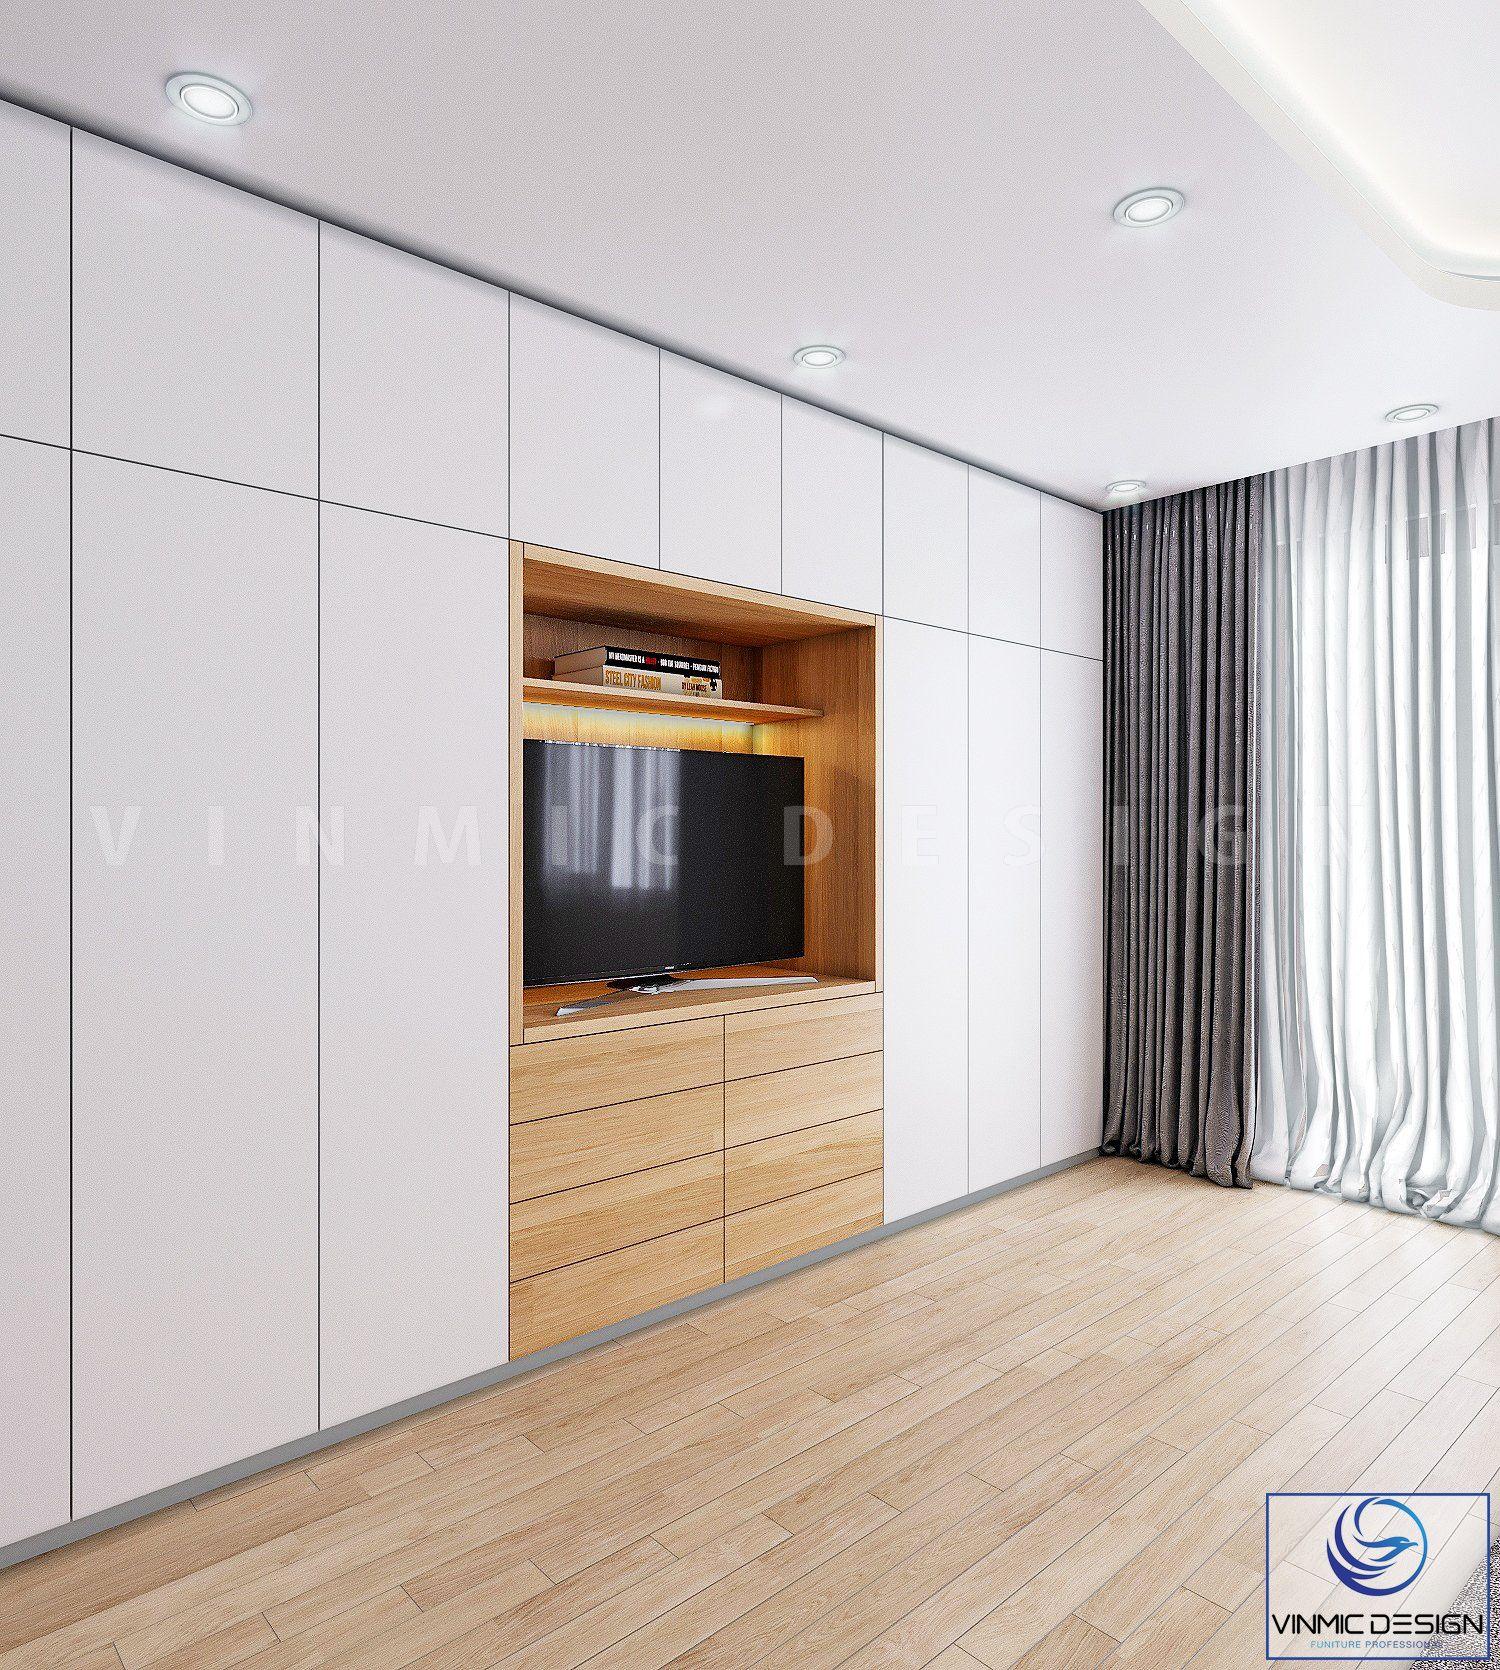 Tủ áo và kệ ti vi được làm từ gỗ công nghiệp chất lượng